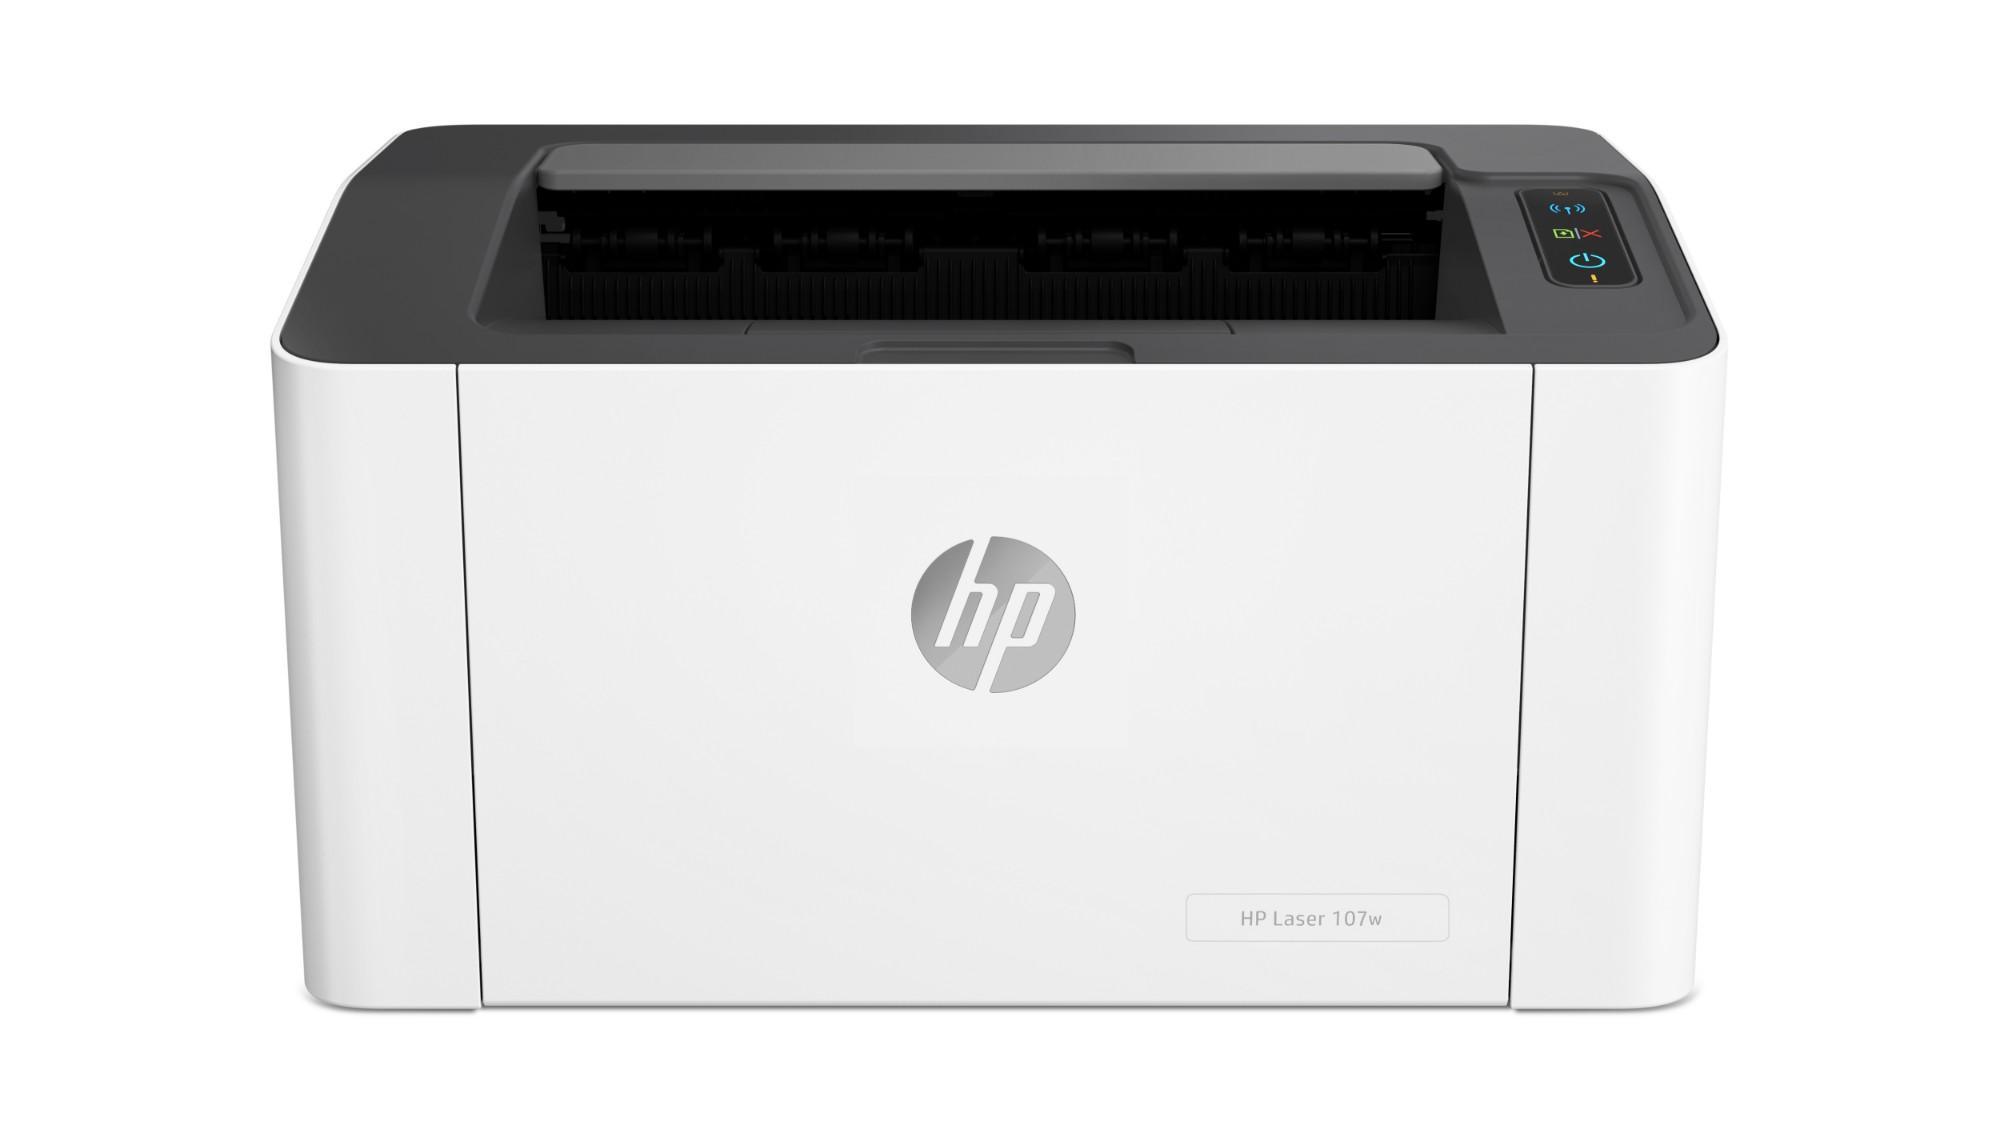 HP 107w 1200 x 1200 DPI A4 Wi-Fi